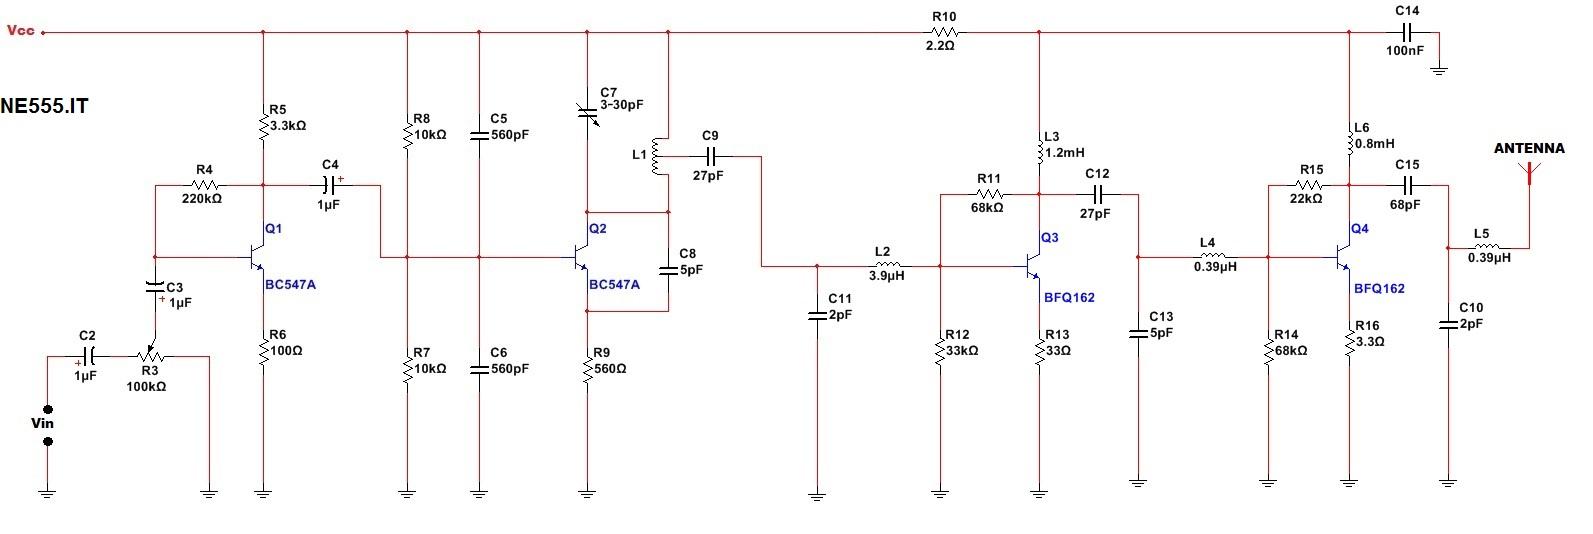 Trasmettitore fm 5W schema completo